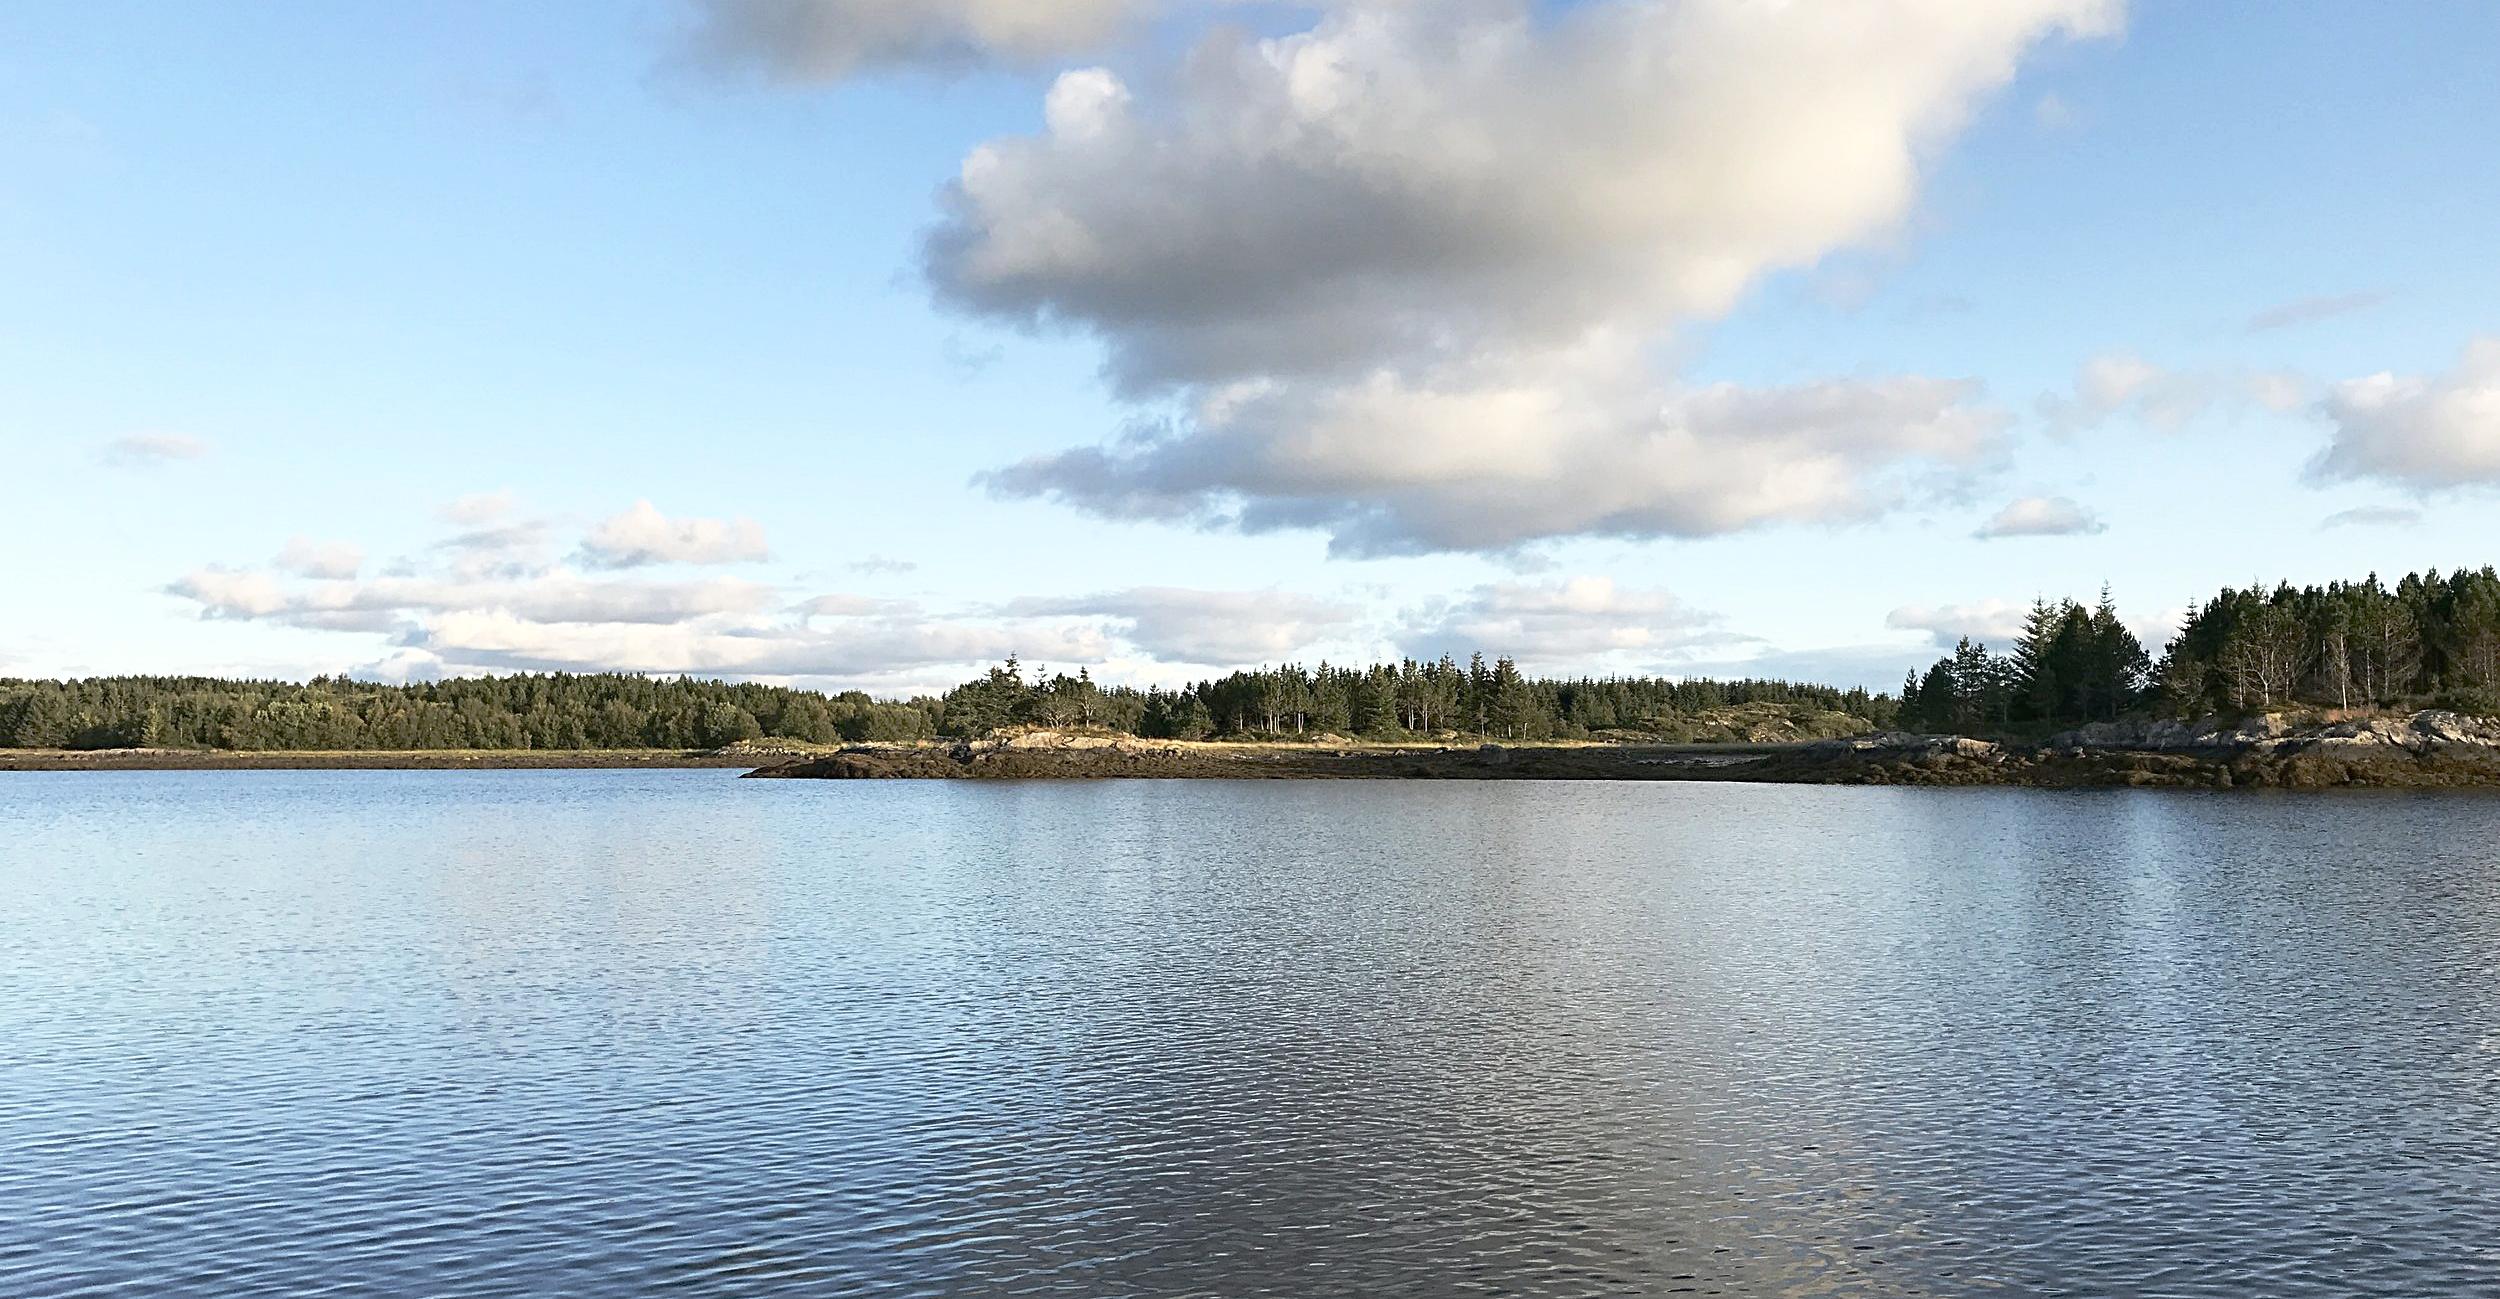 Fine områder for turer og fiske